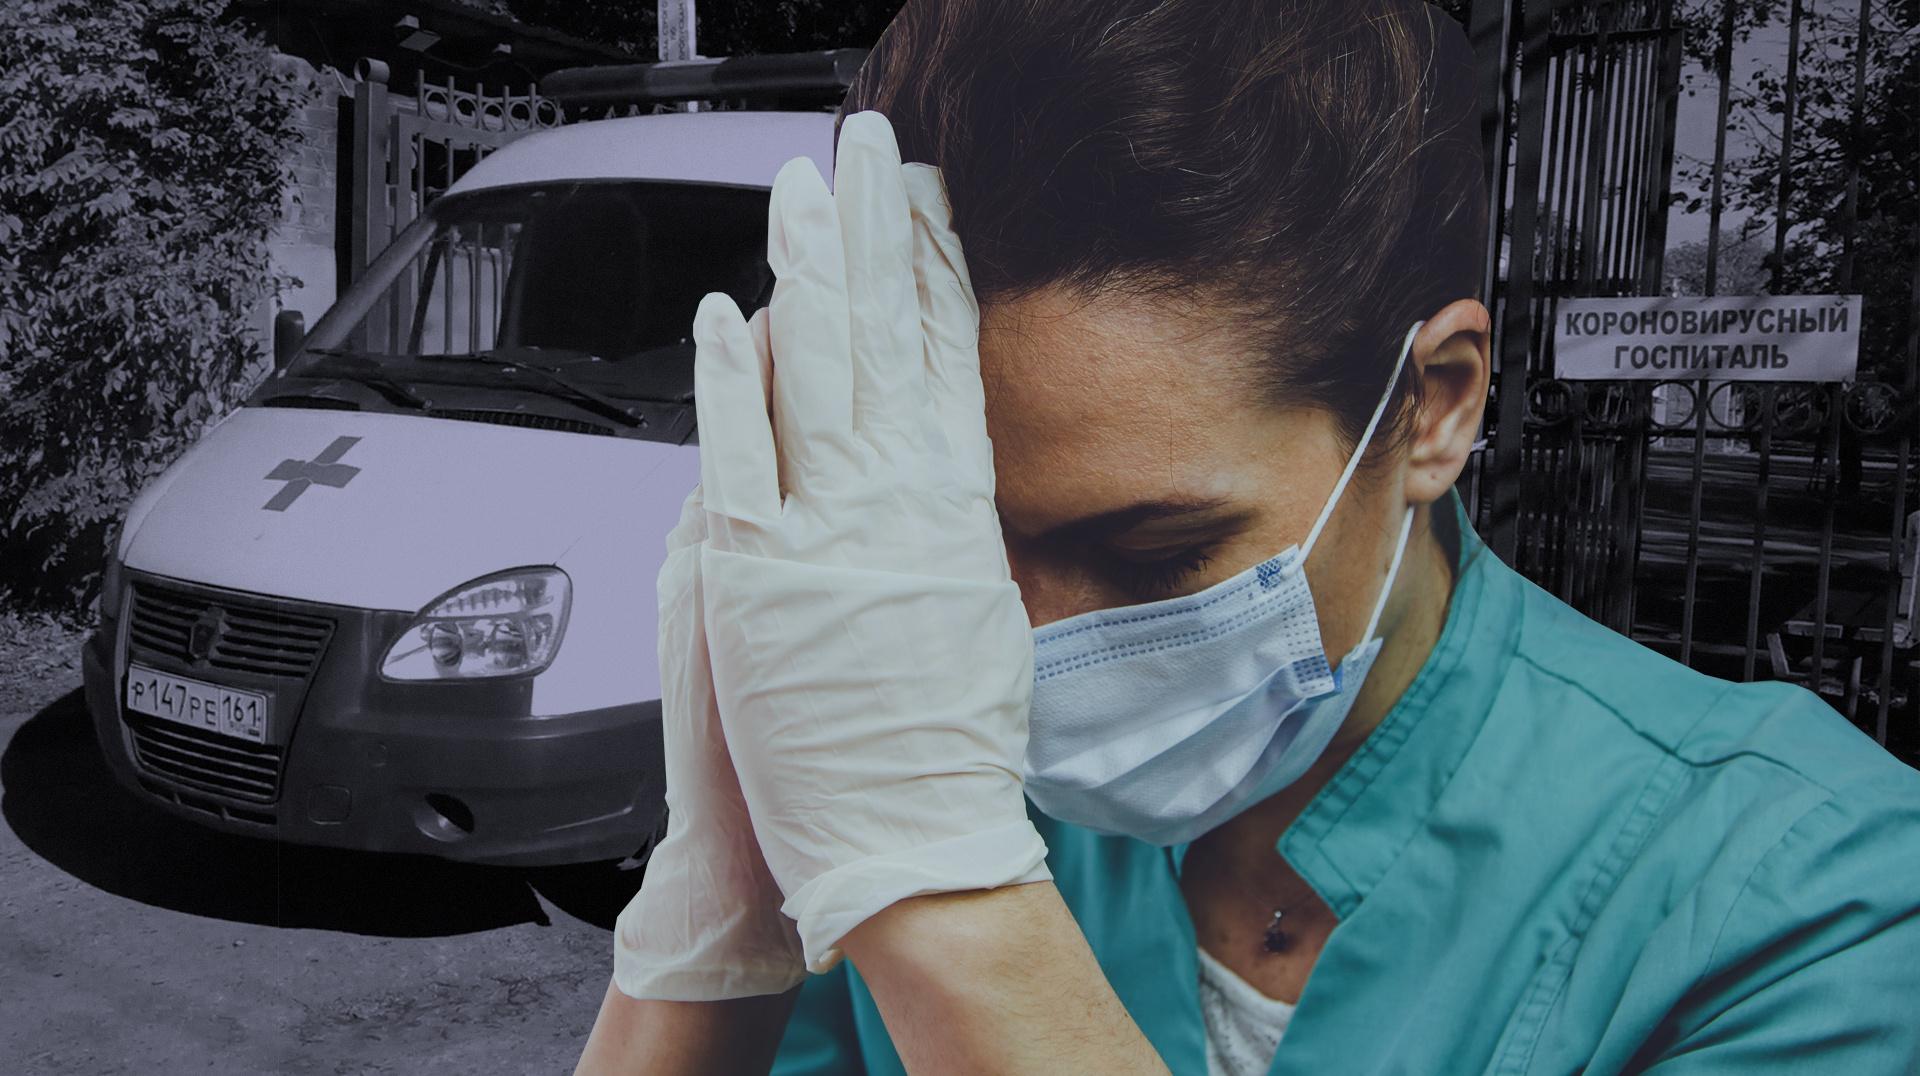 Медиков из Ростова-на-Дону обвинили в смерти 13 пациентов с коронавирусом из-за нехватки кислорода, но администрация всё опровергает